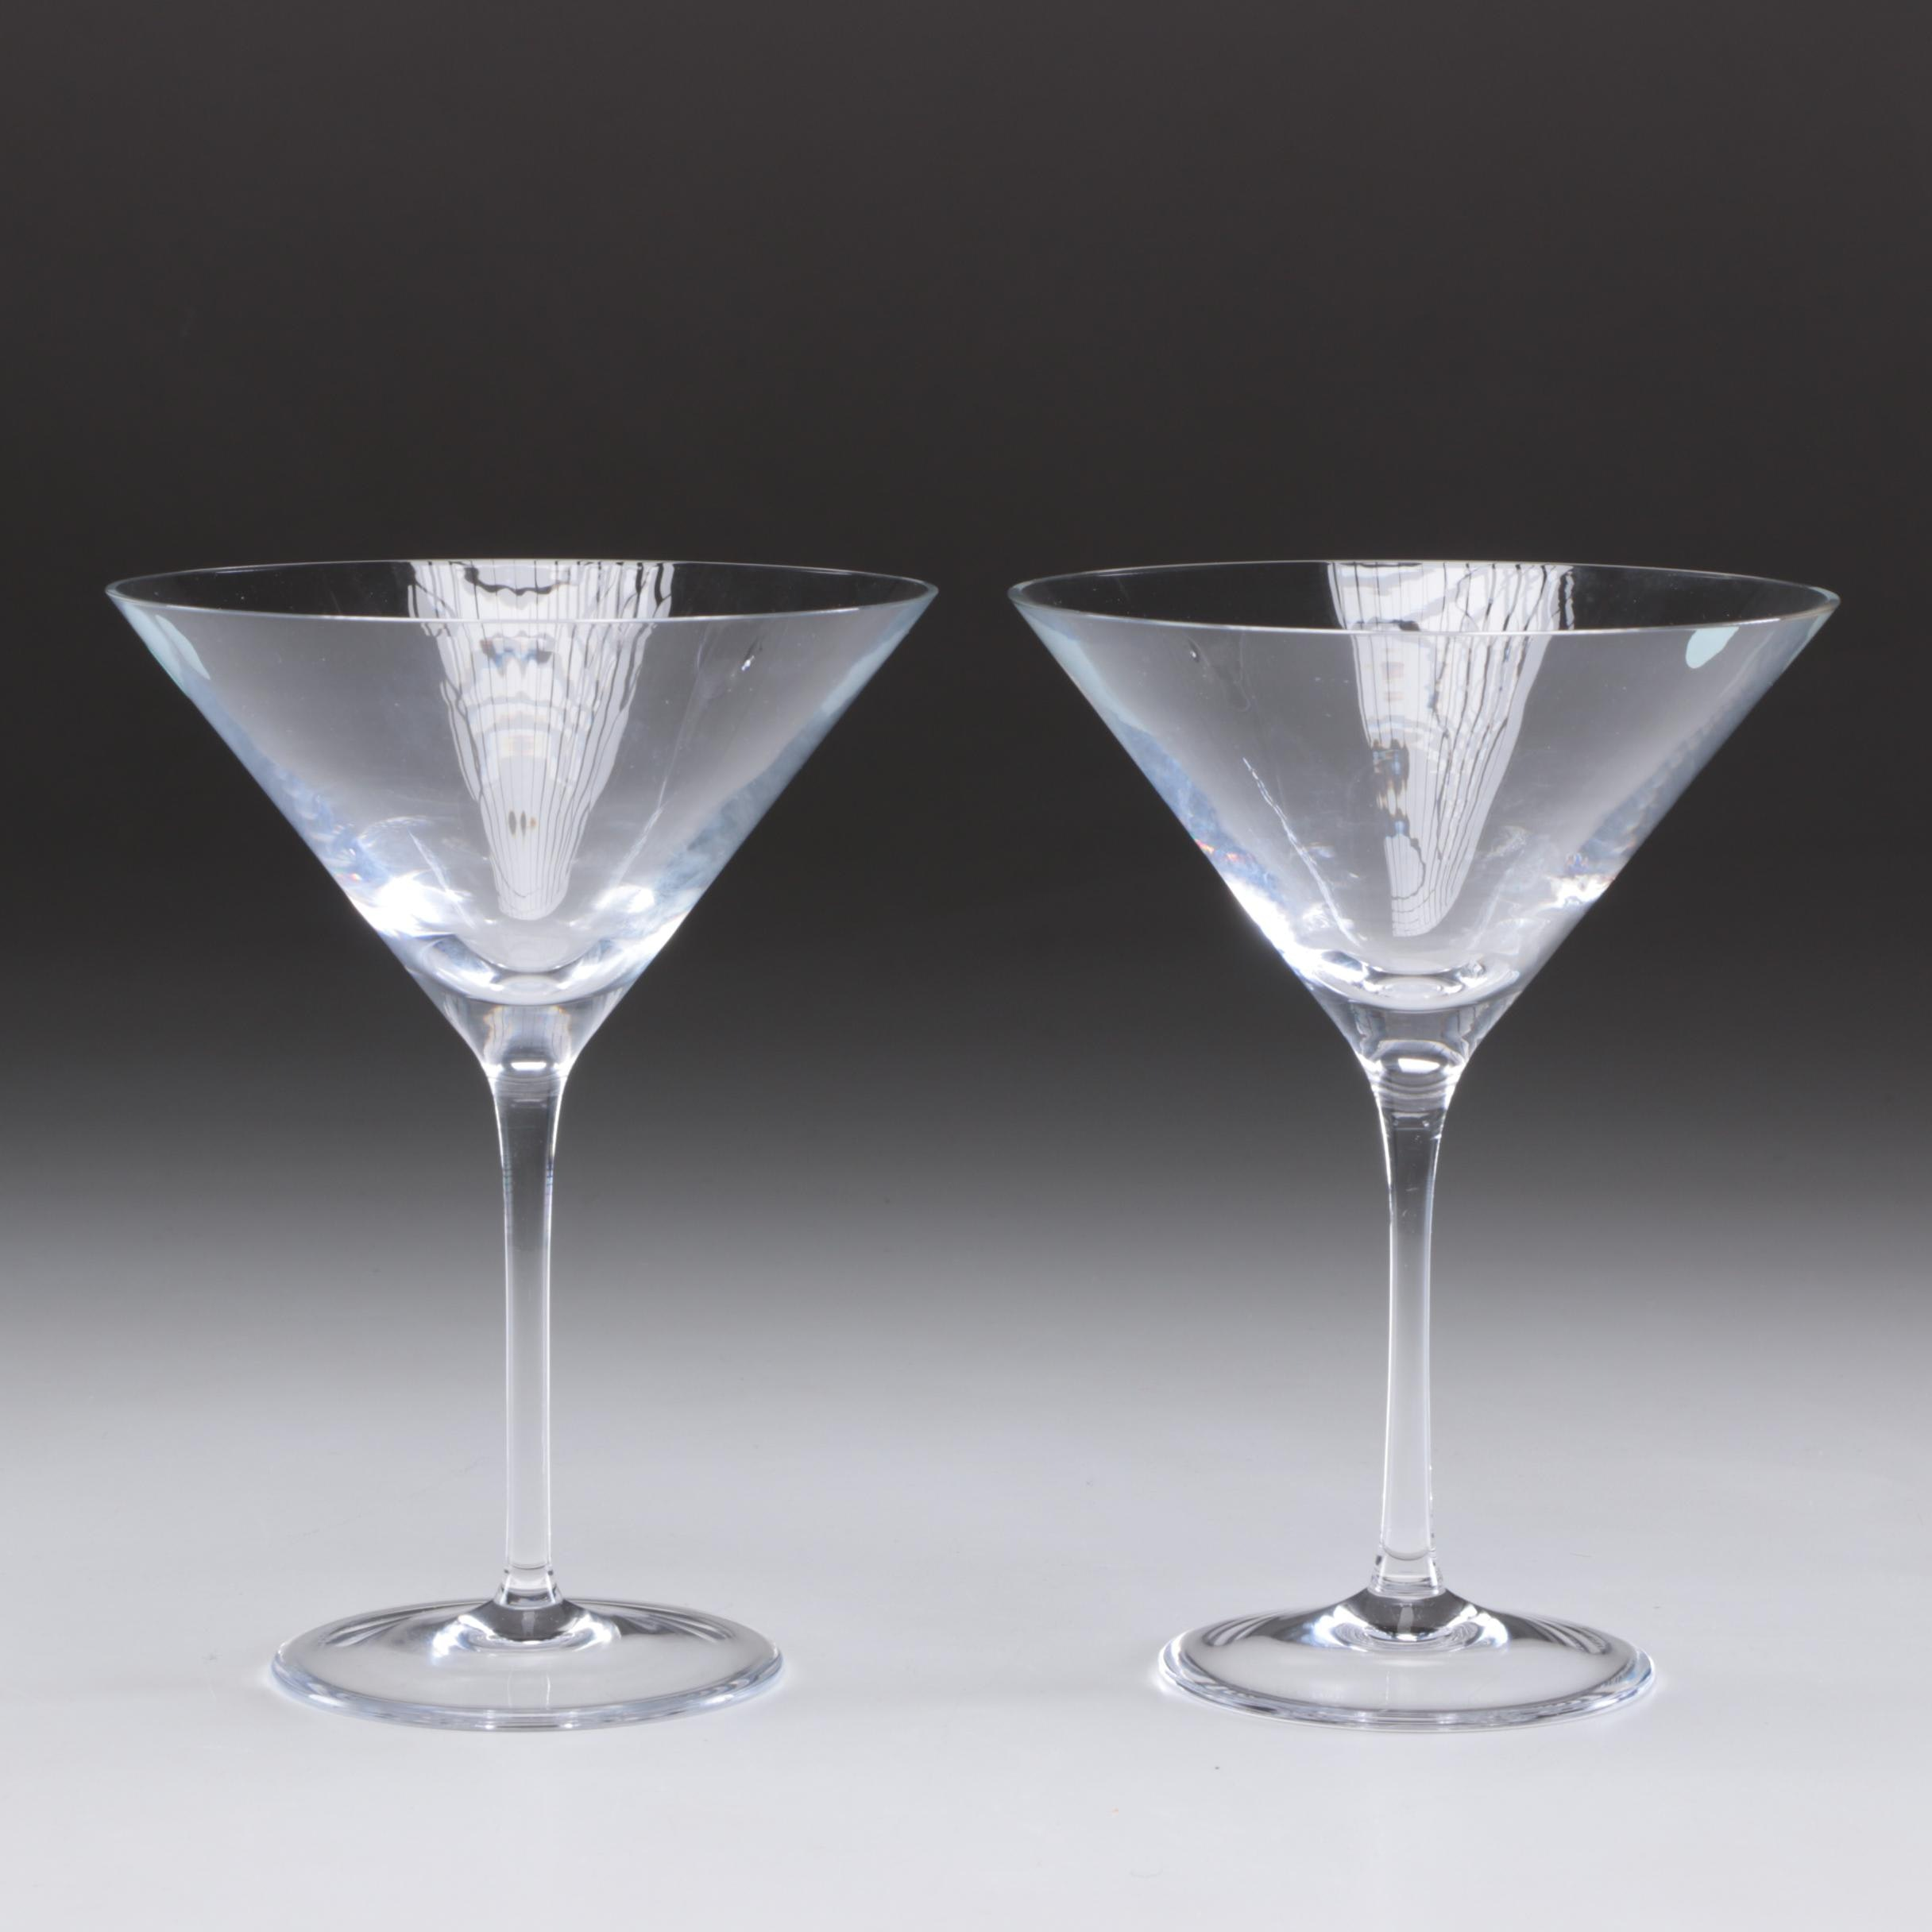 Tiffany & Co. Martini Glasses, Contemporary